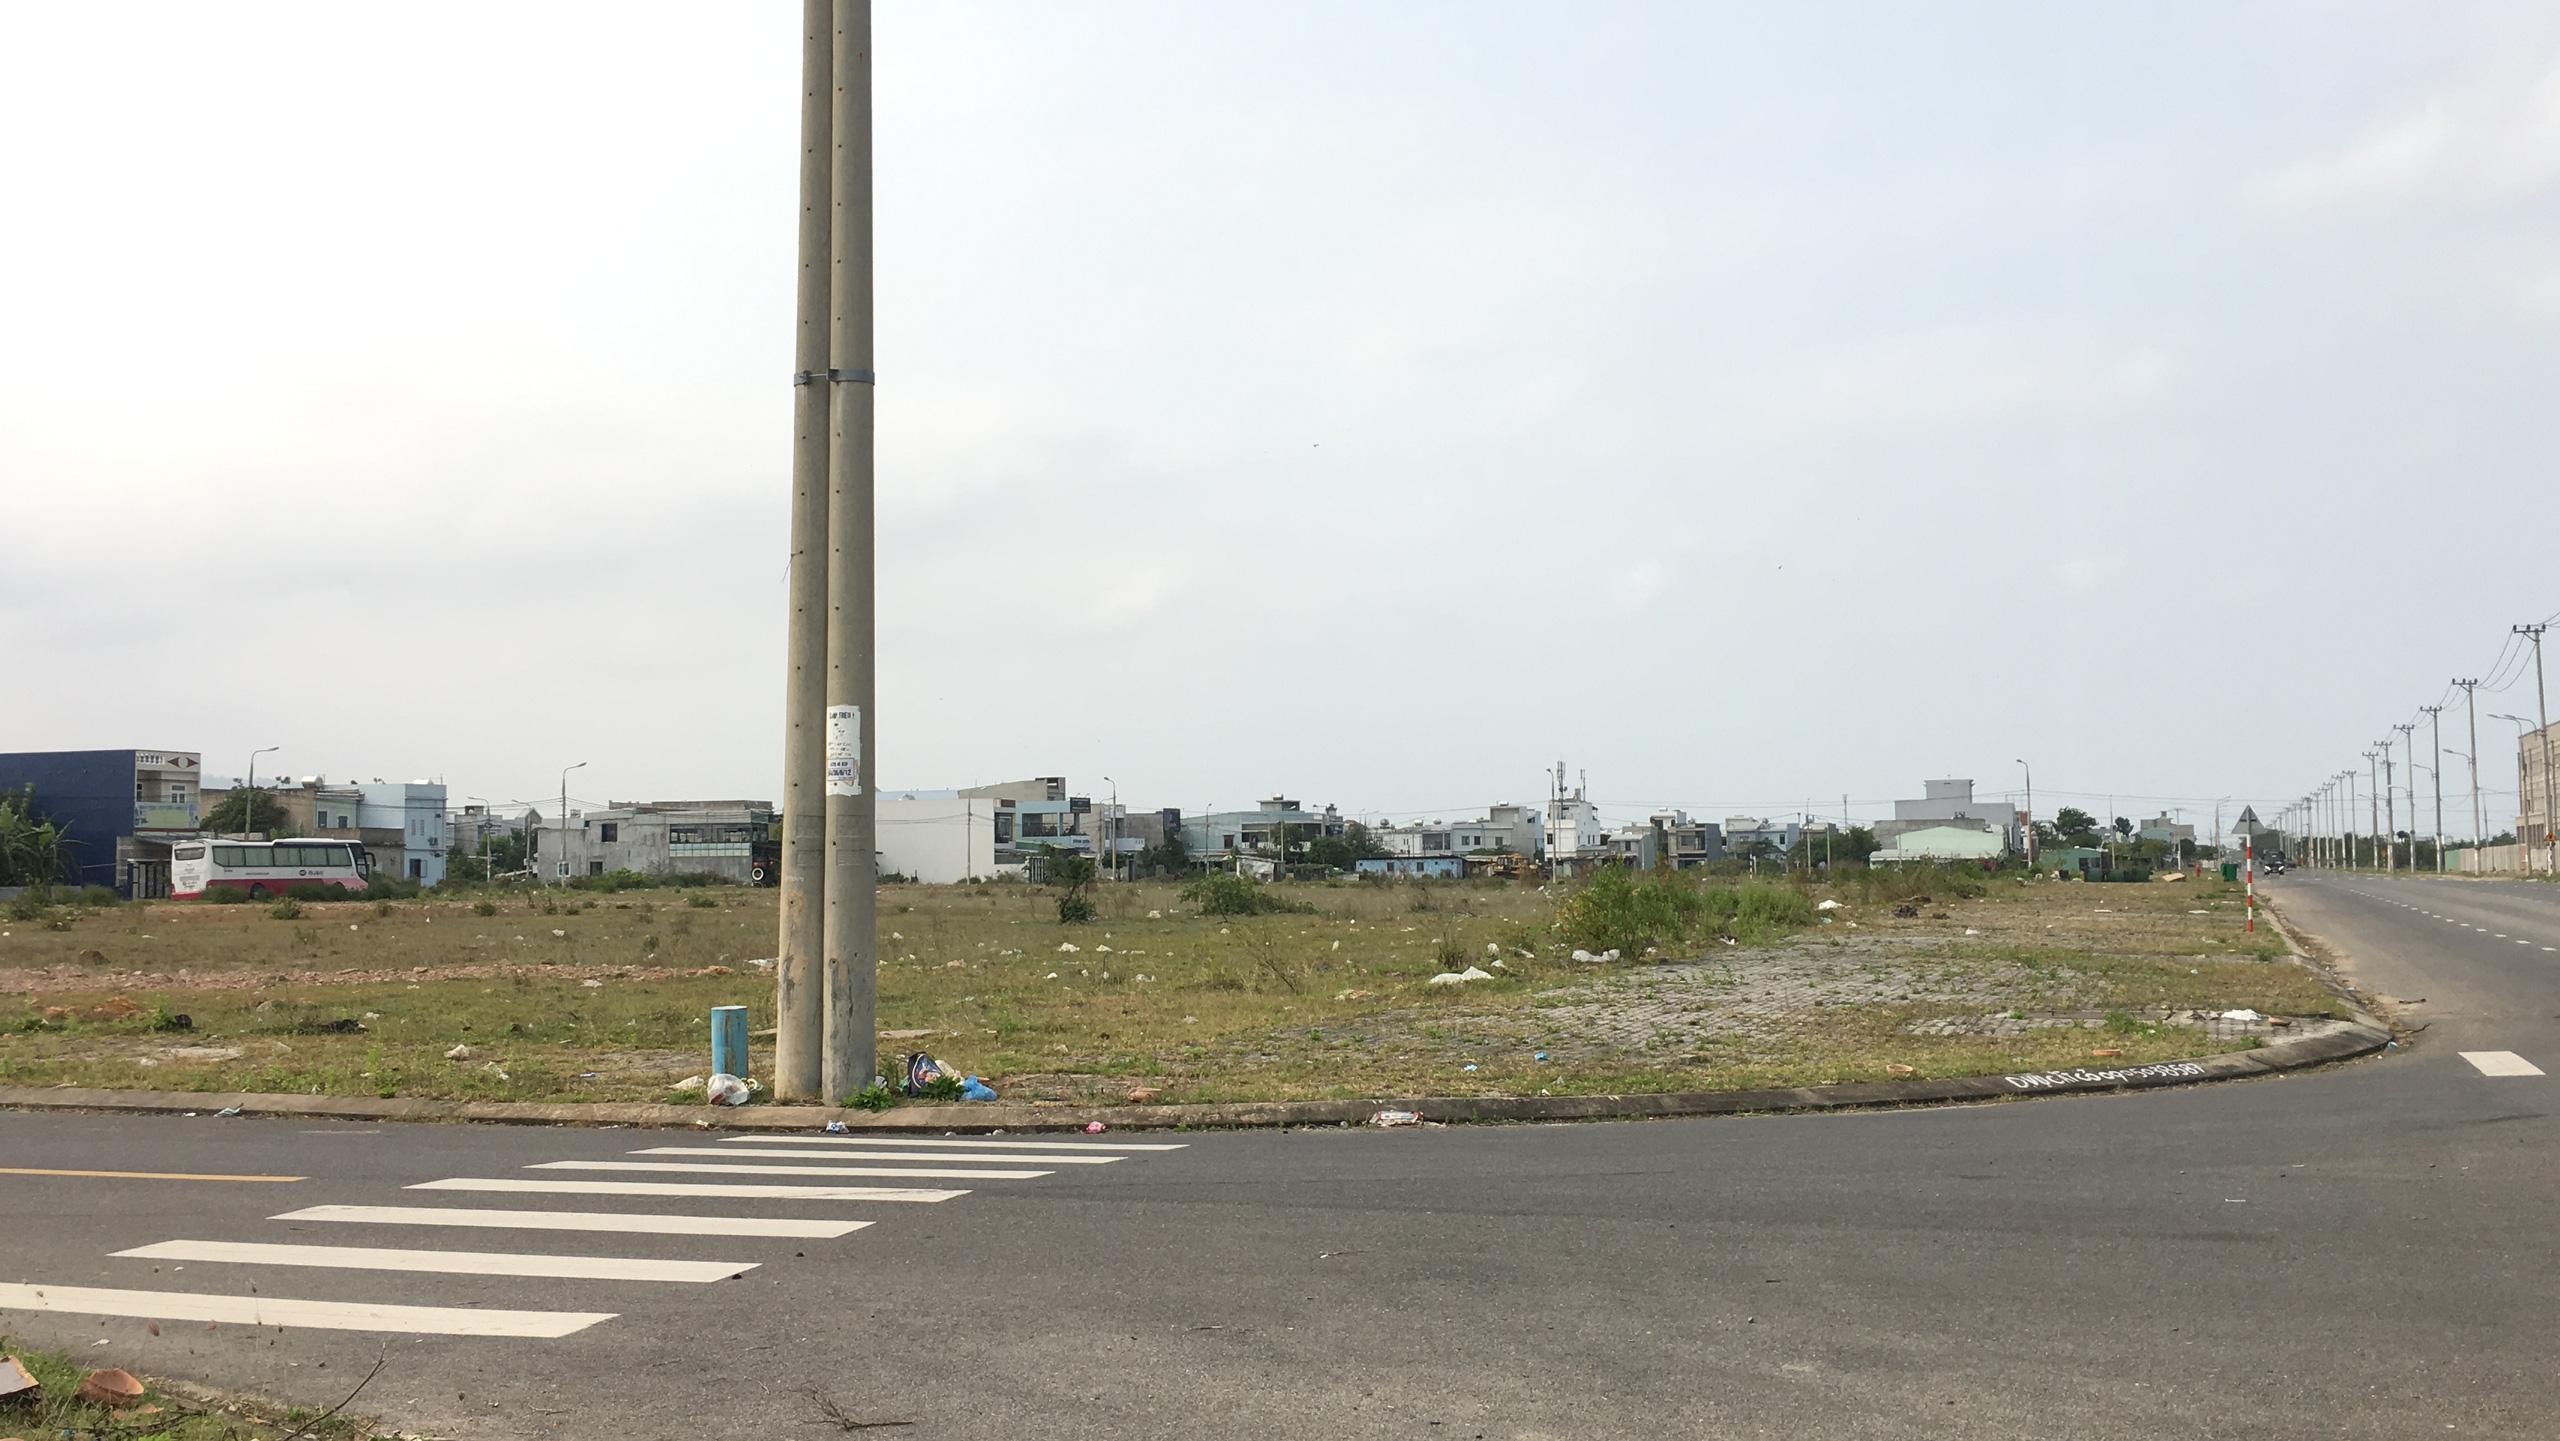 Giá đất Đà Nẵng đang tăng xung quanh các dự án lớn - Ảnh 2.